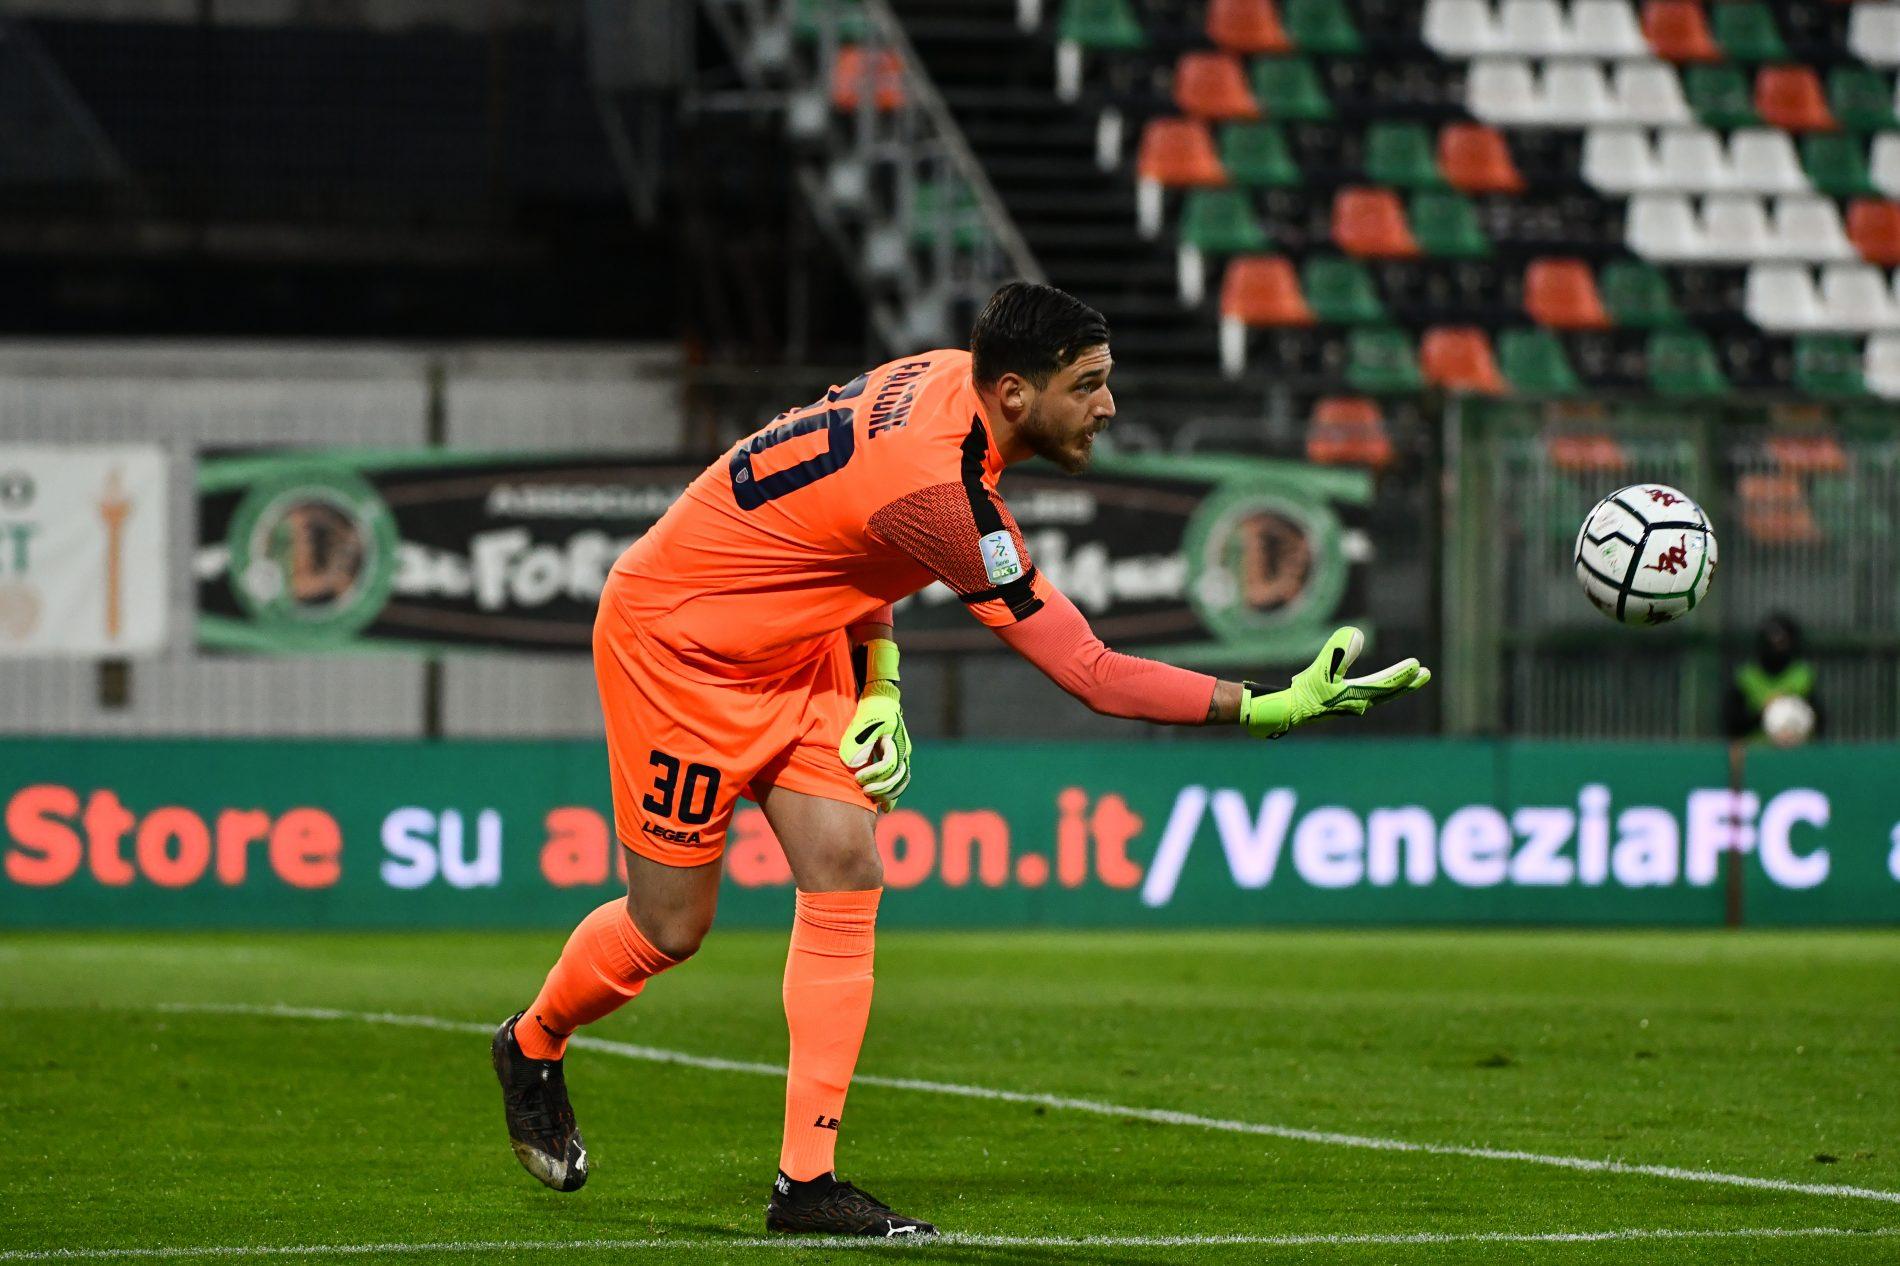 Venezia - Cosenza 3-0 Le pagelle di Luca Aiello